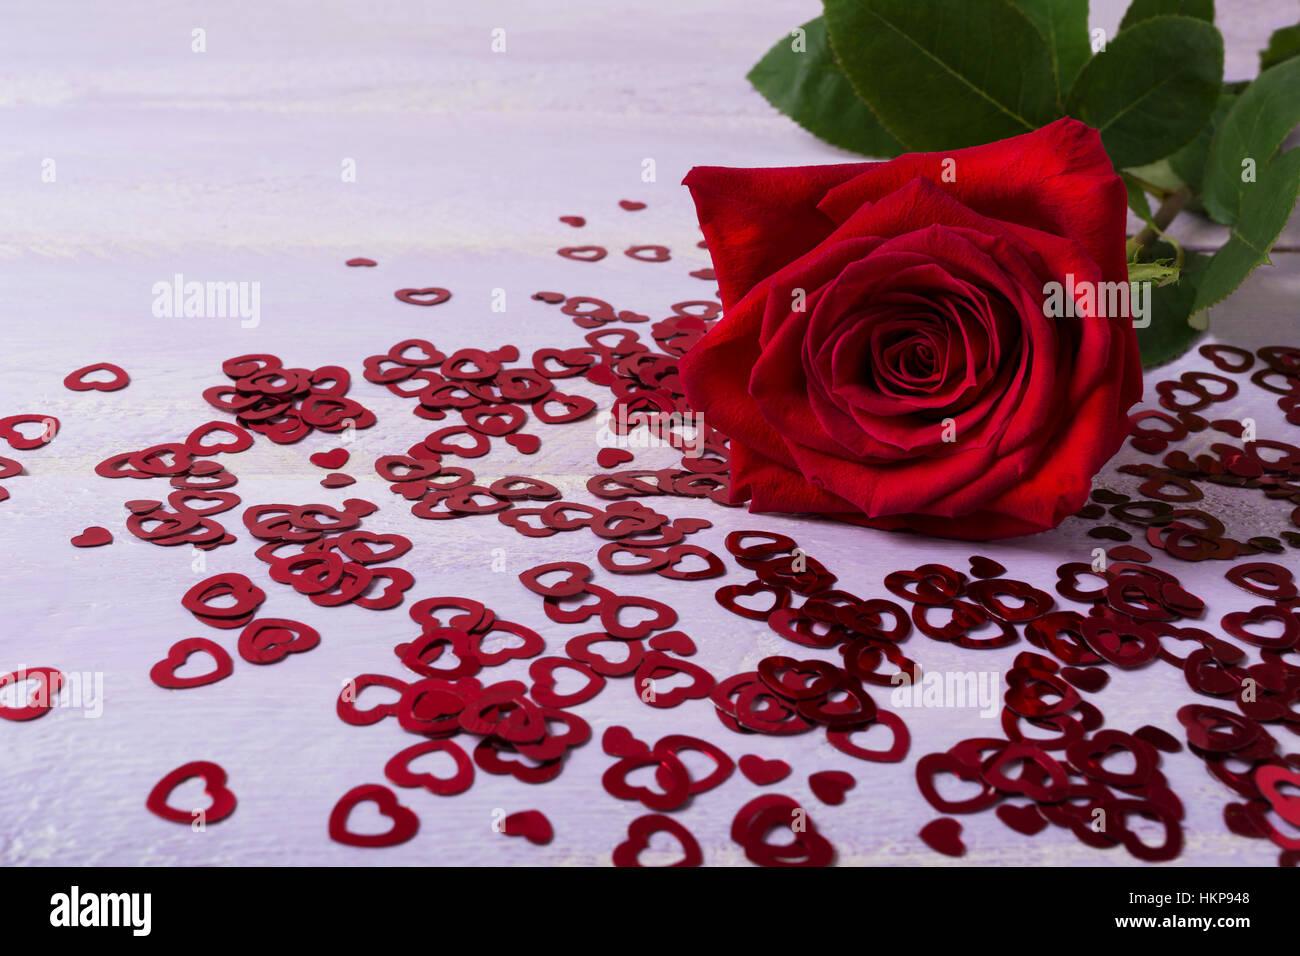 St. Valentinstag Grußkarte Mit Dunkel Rote Rose Und Glitzer Herzen.  Elegante Hochzeit Tag Einladung Hintergrund. Kopieren Sie Raum.